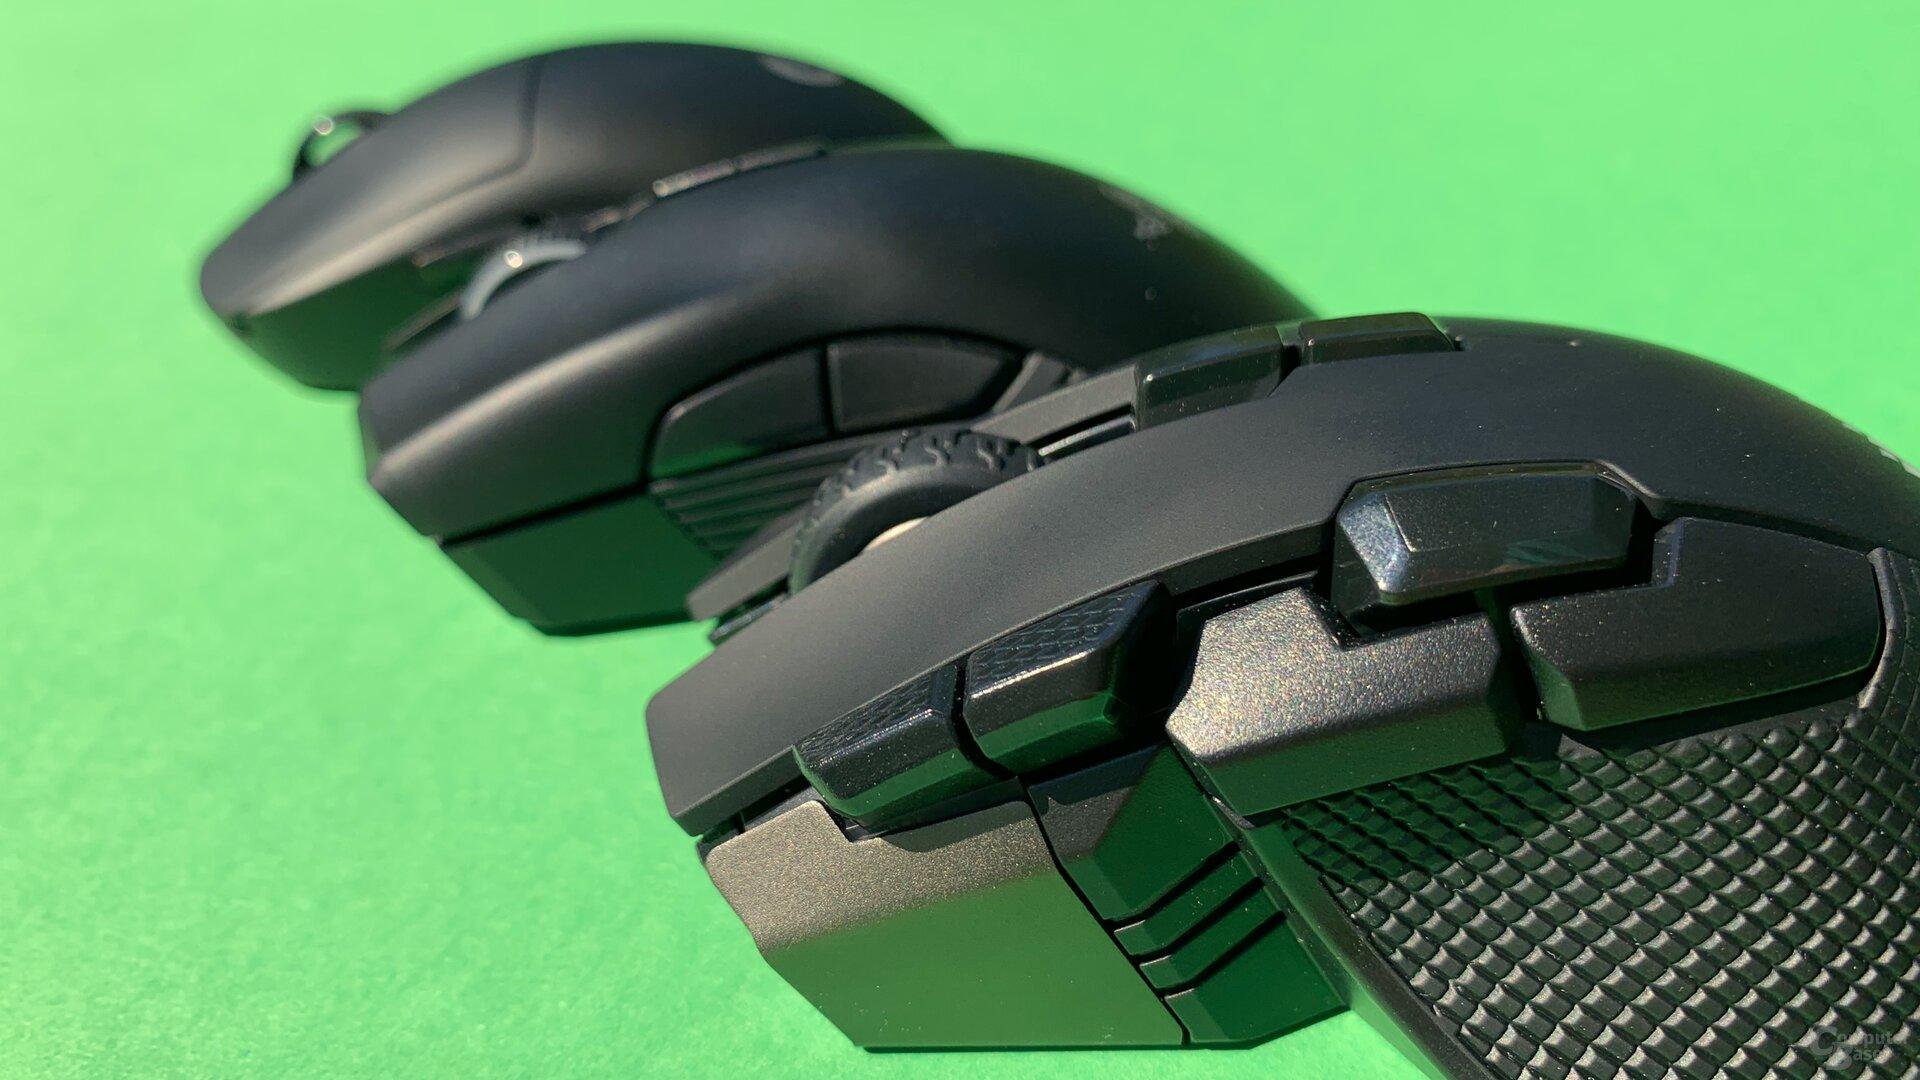 Logitech G Pro Wireless, Razer Mamba Wireless und Corsair Ironclaw RGB Wireless